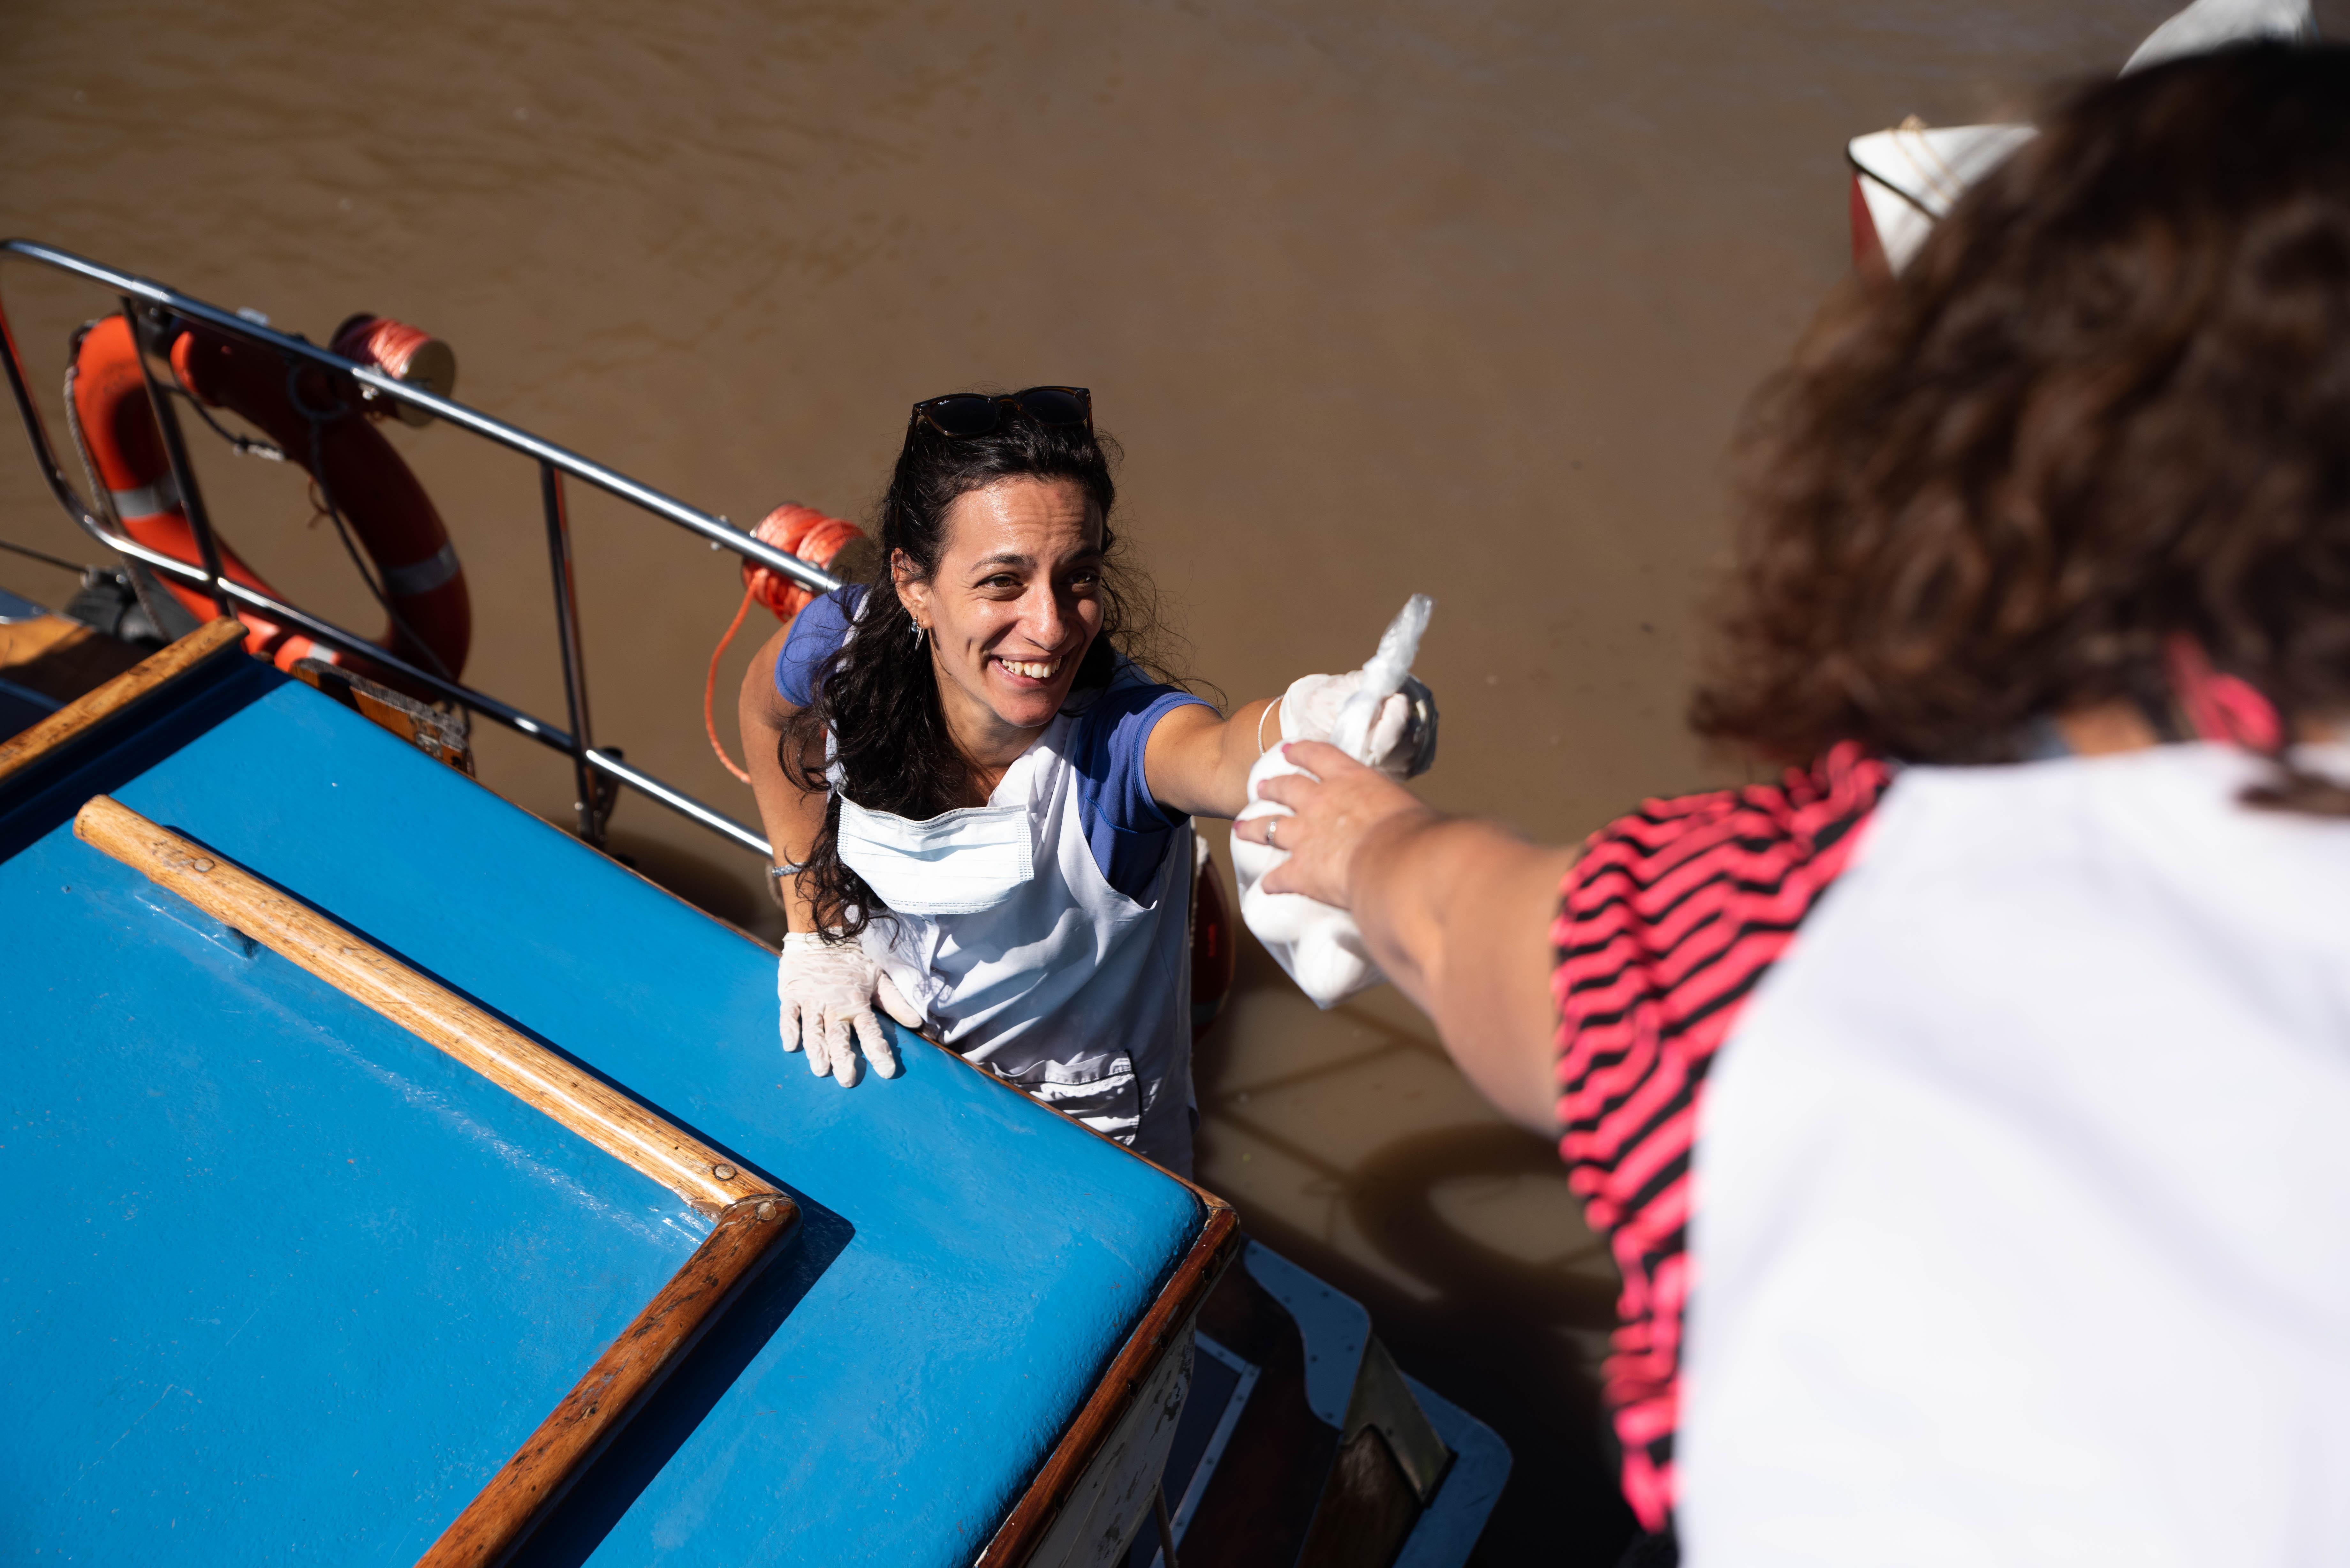 Con una sonrisa. Así fue la entrega y recepción de alimentos y libros en el Delta del Tigre durante el ultimo fin de semana.